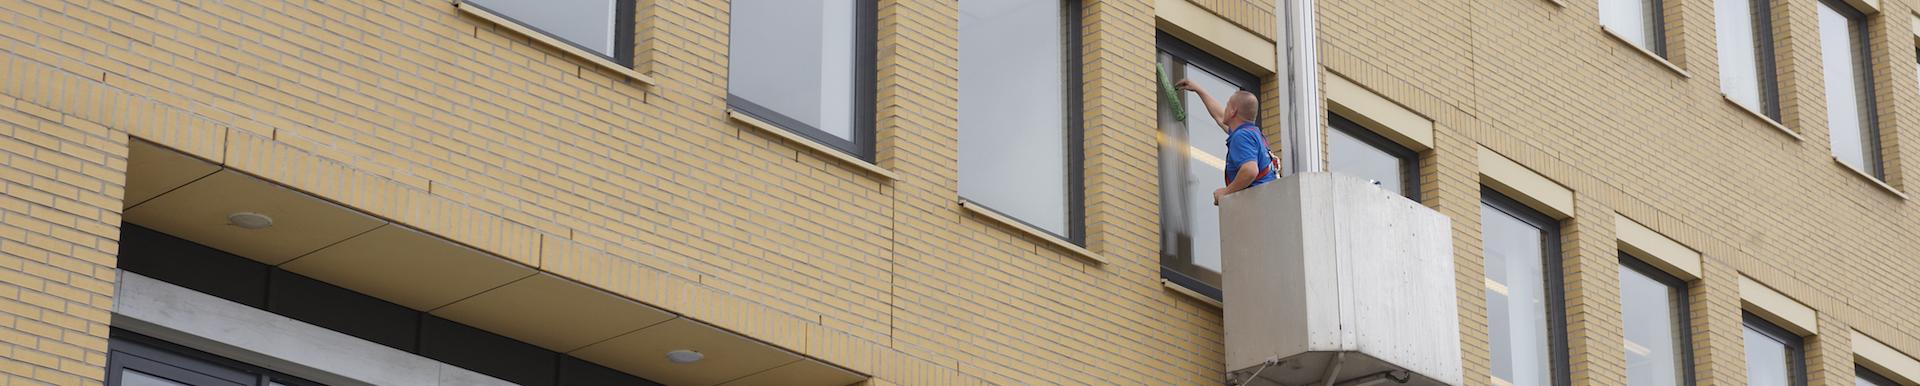 Glasbewassing - Schoonkantoor.nl